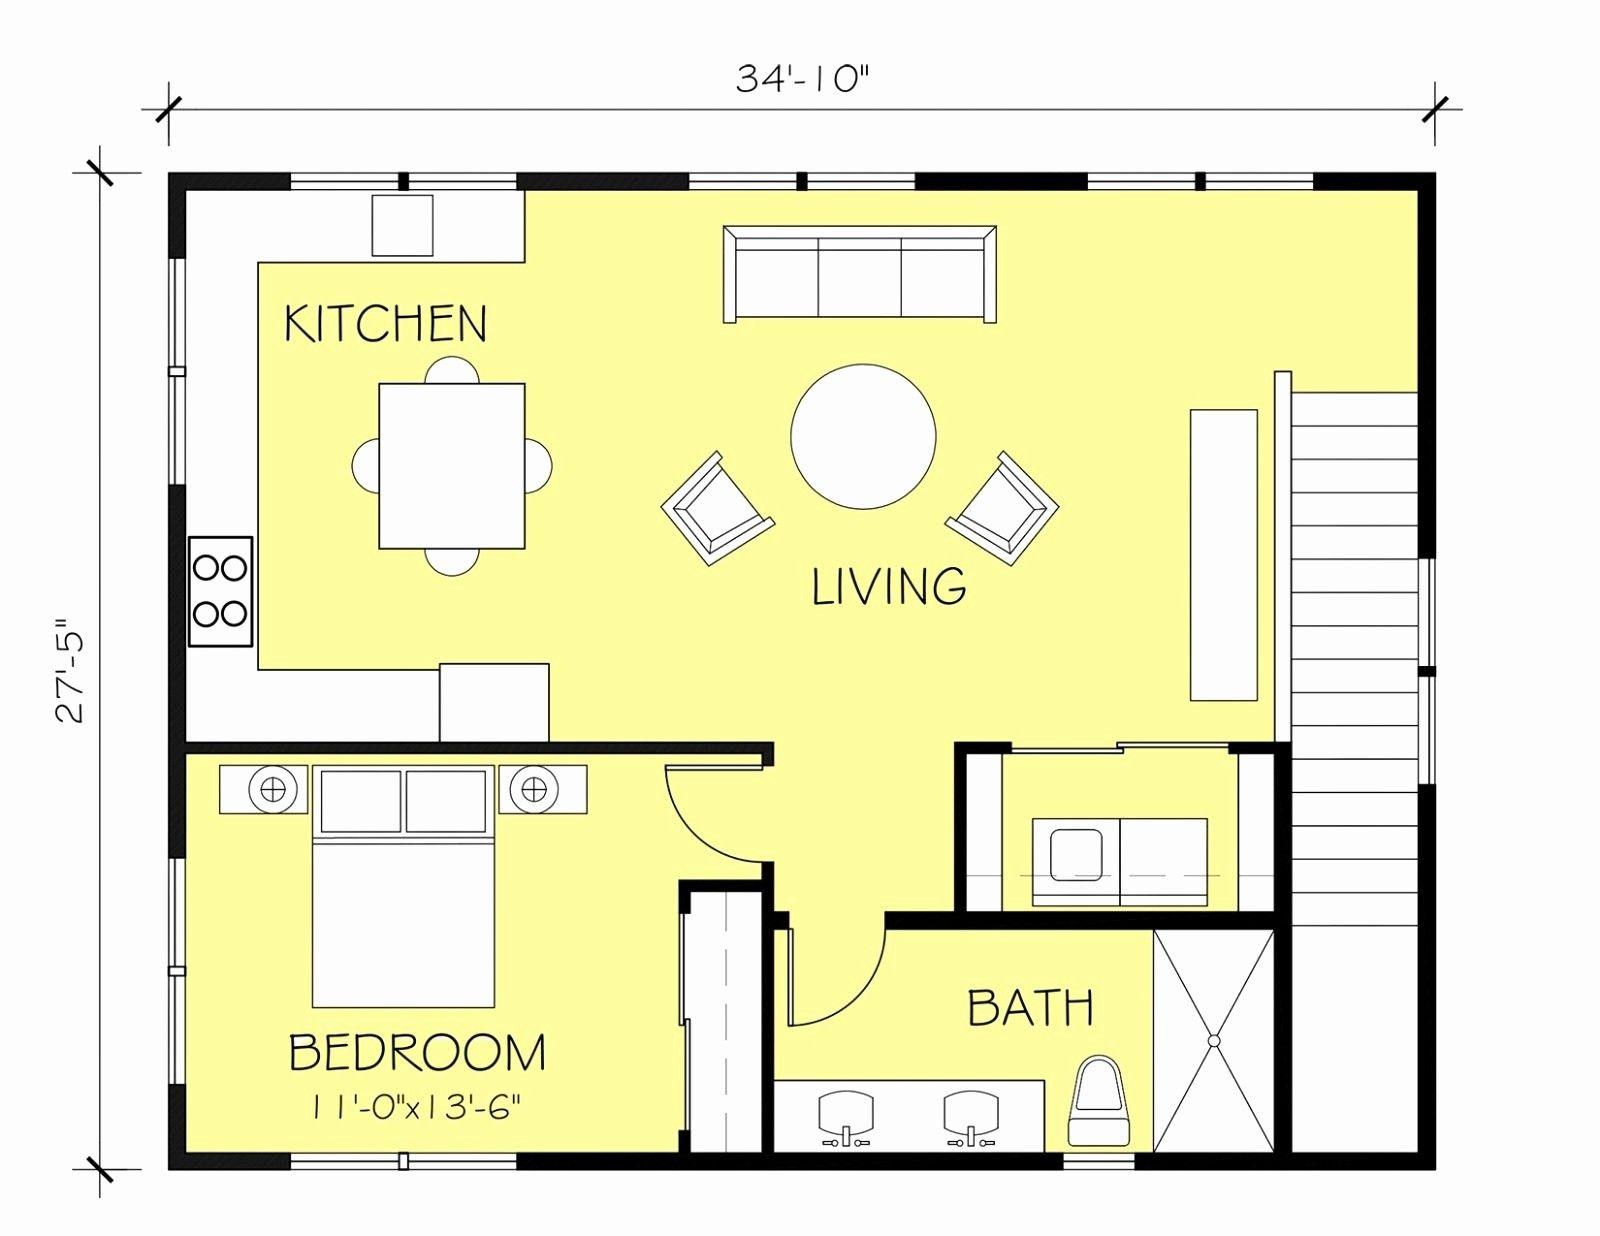 Best Mother in Law Suite Garage Floor Plan in 2020 ...